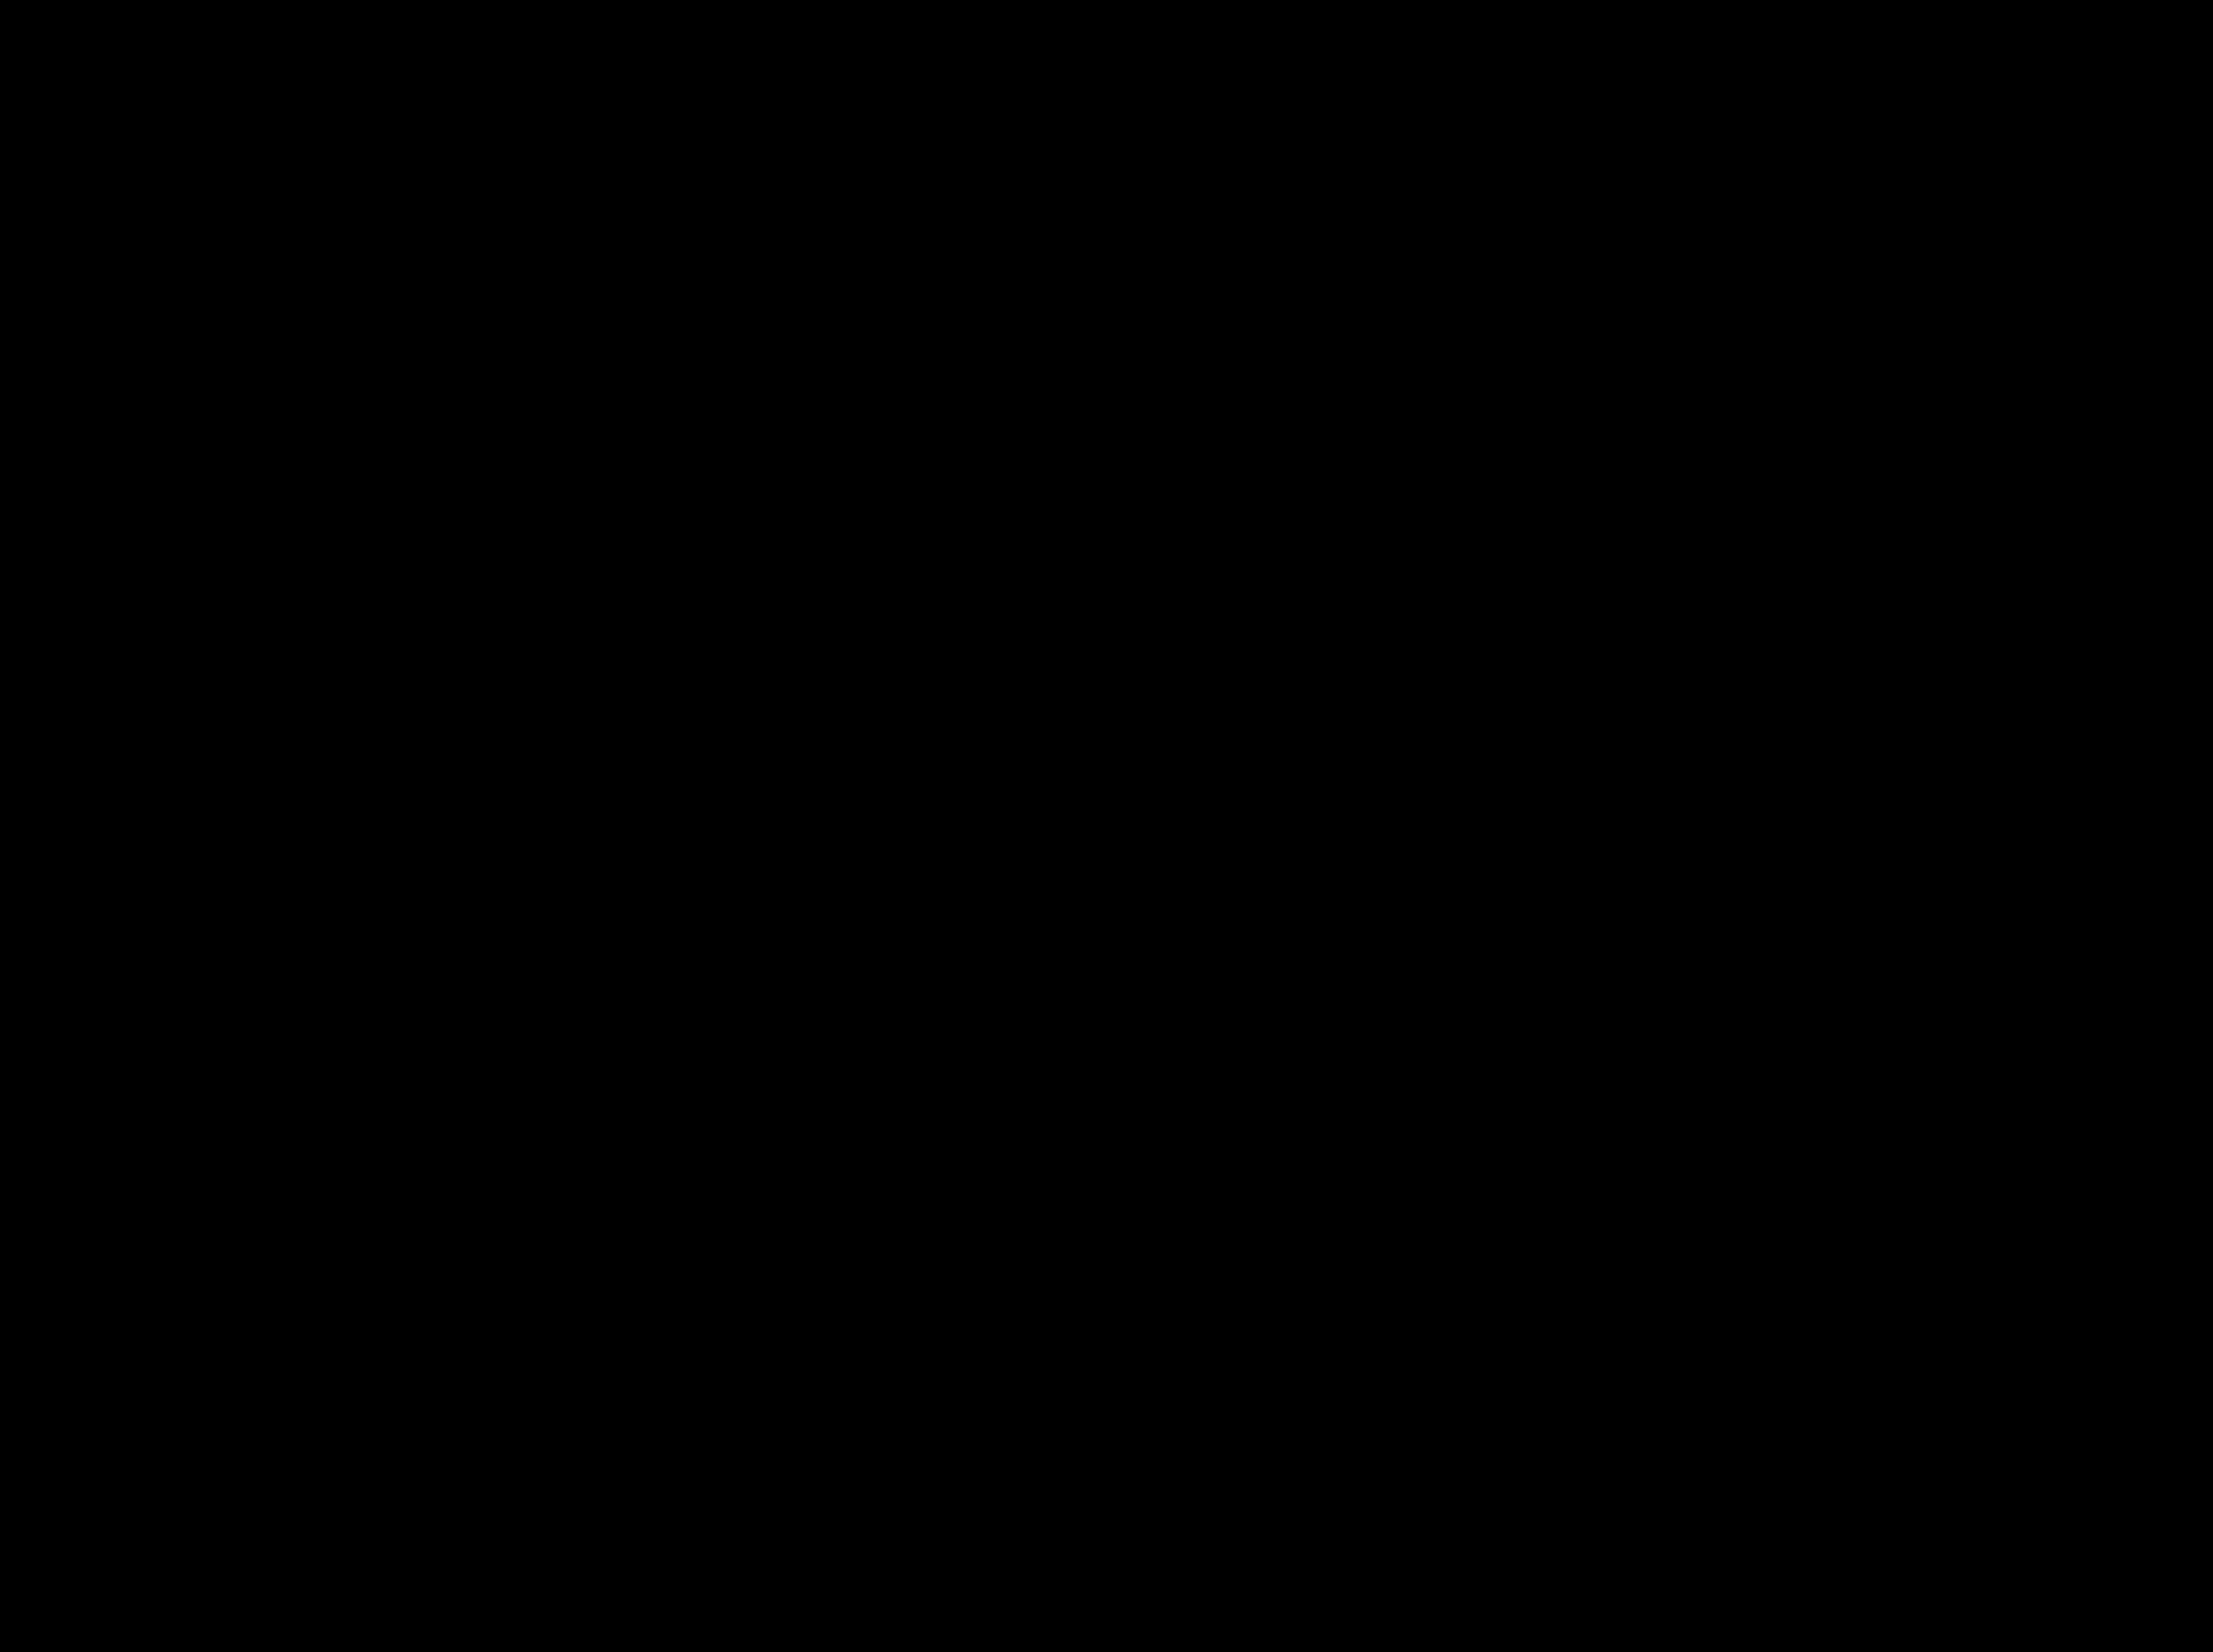 Men Clipart Archery Men Archery Transparent Free For